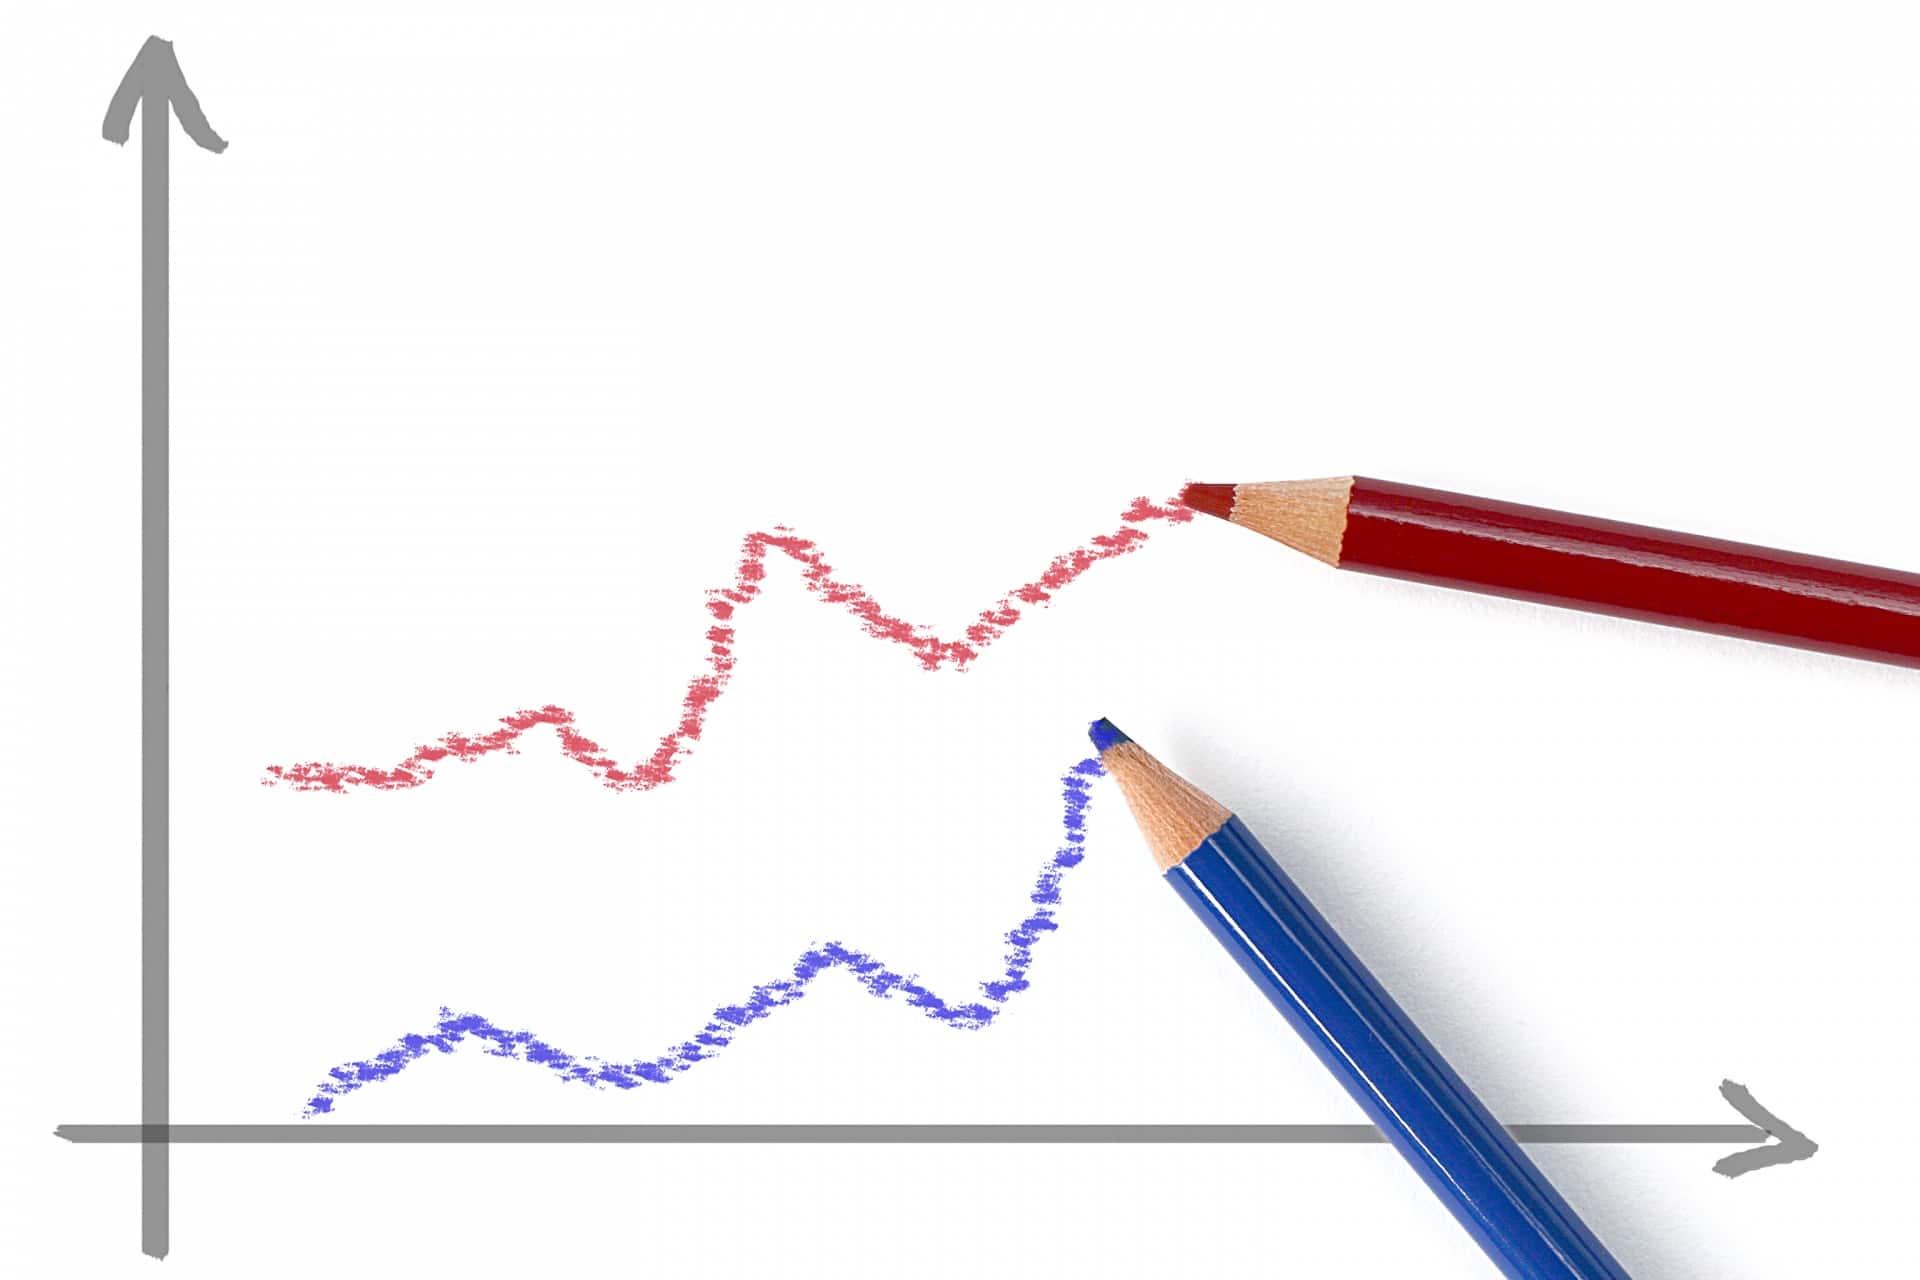 モチベーショングラフは就活の自己分析に役立つ!作成方法も解説